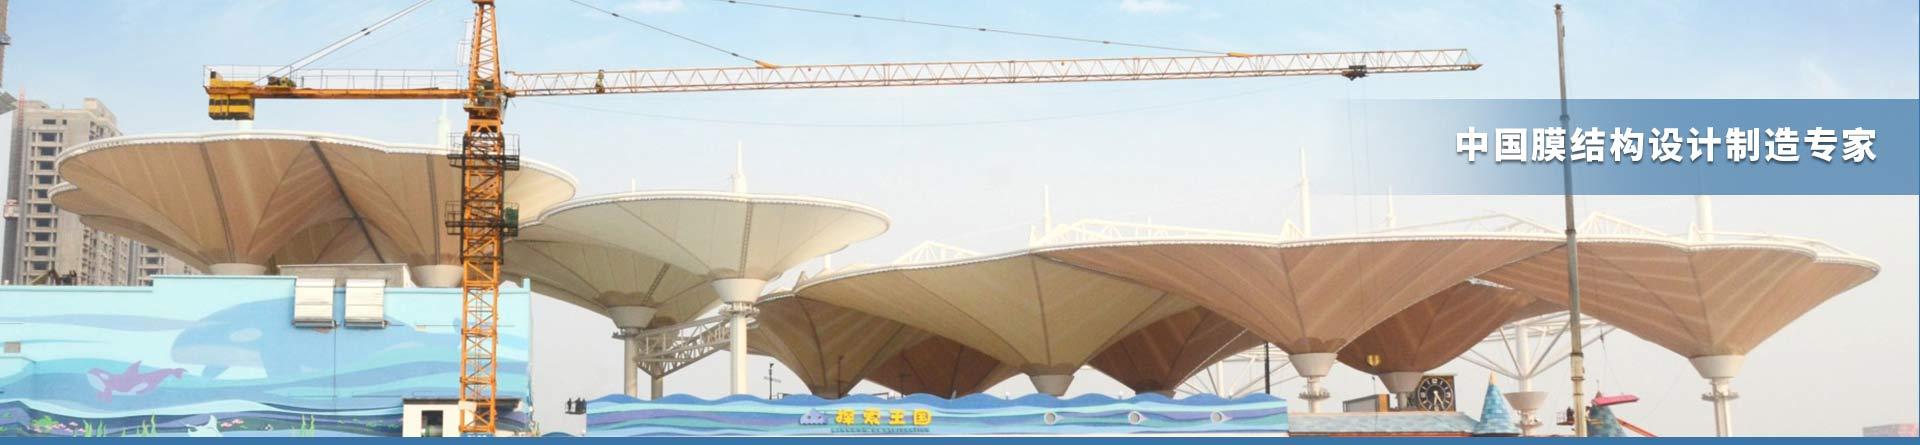 交通膜结构